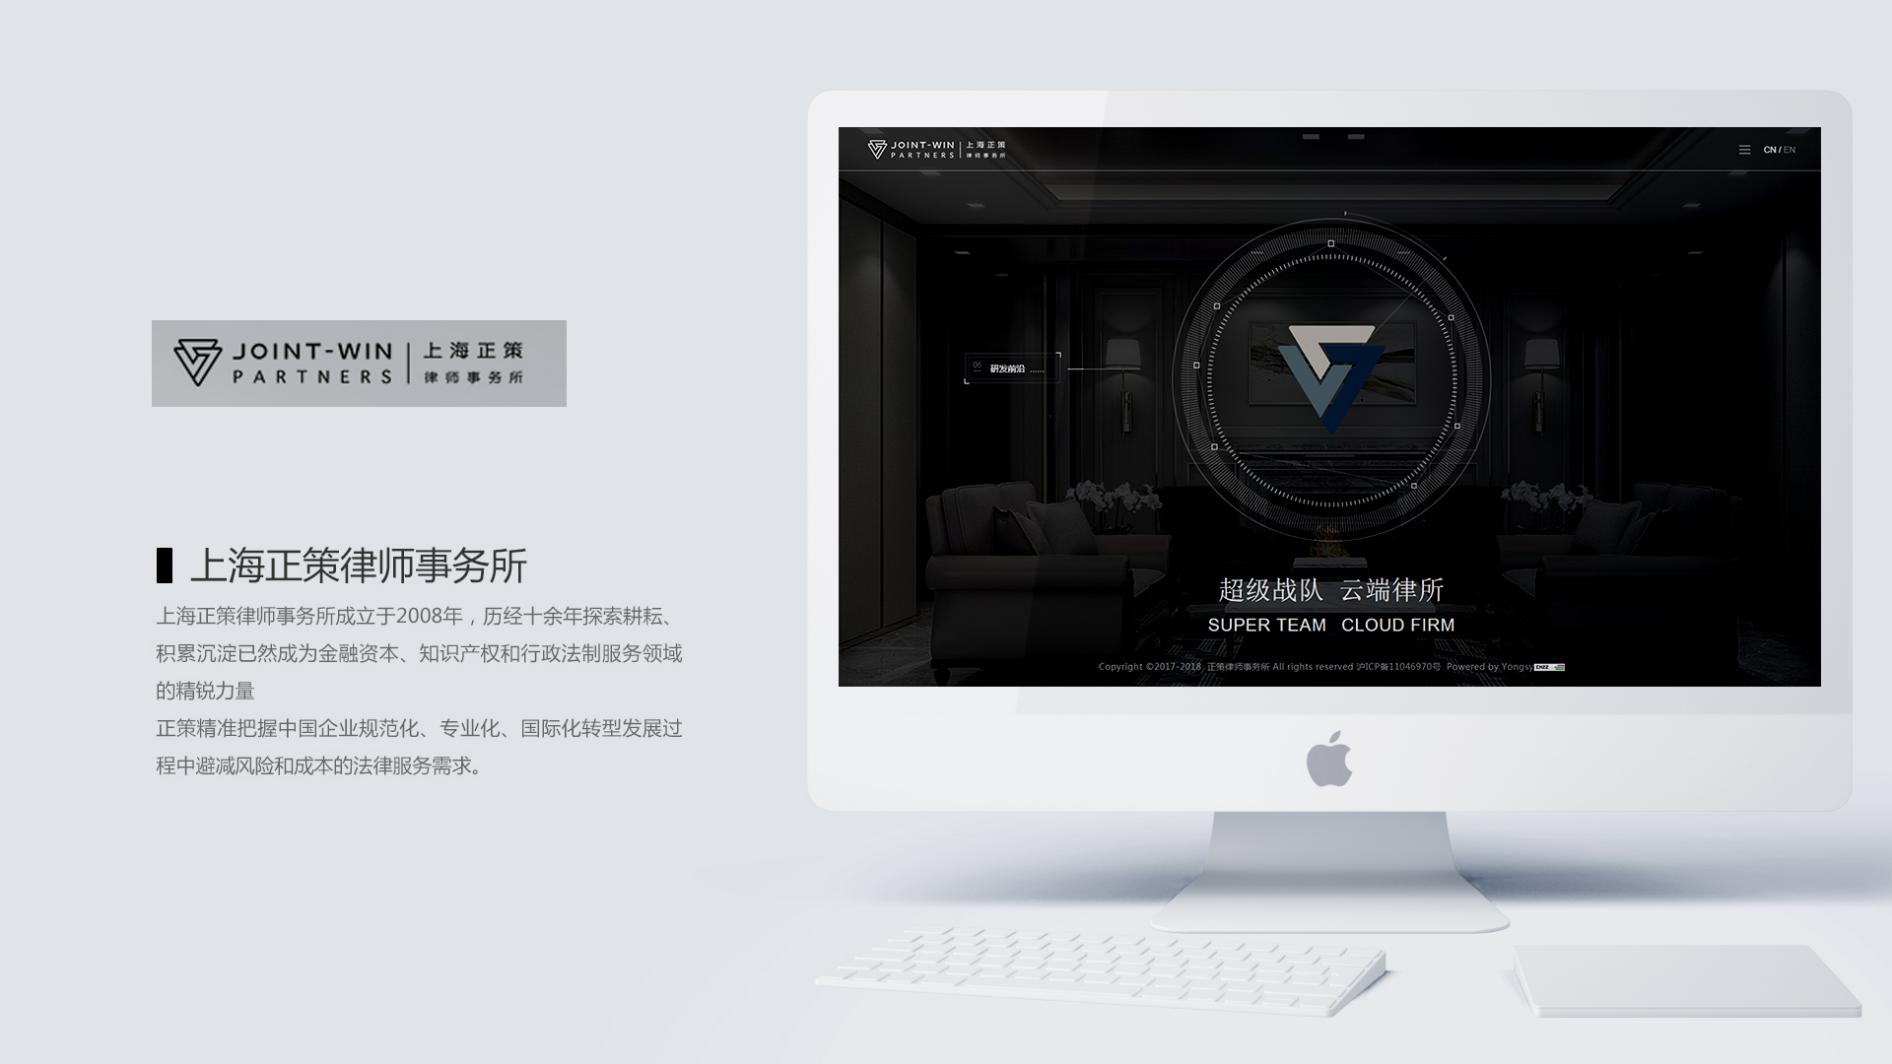 门户网站|企业官网|高端官网|多端自适应|原创设计|仿站搭建